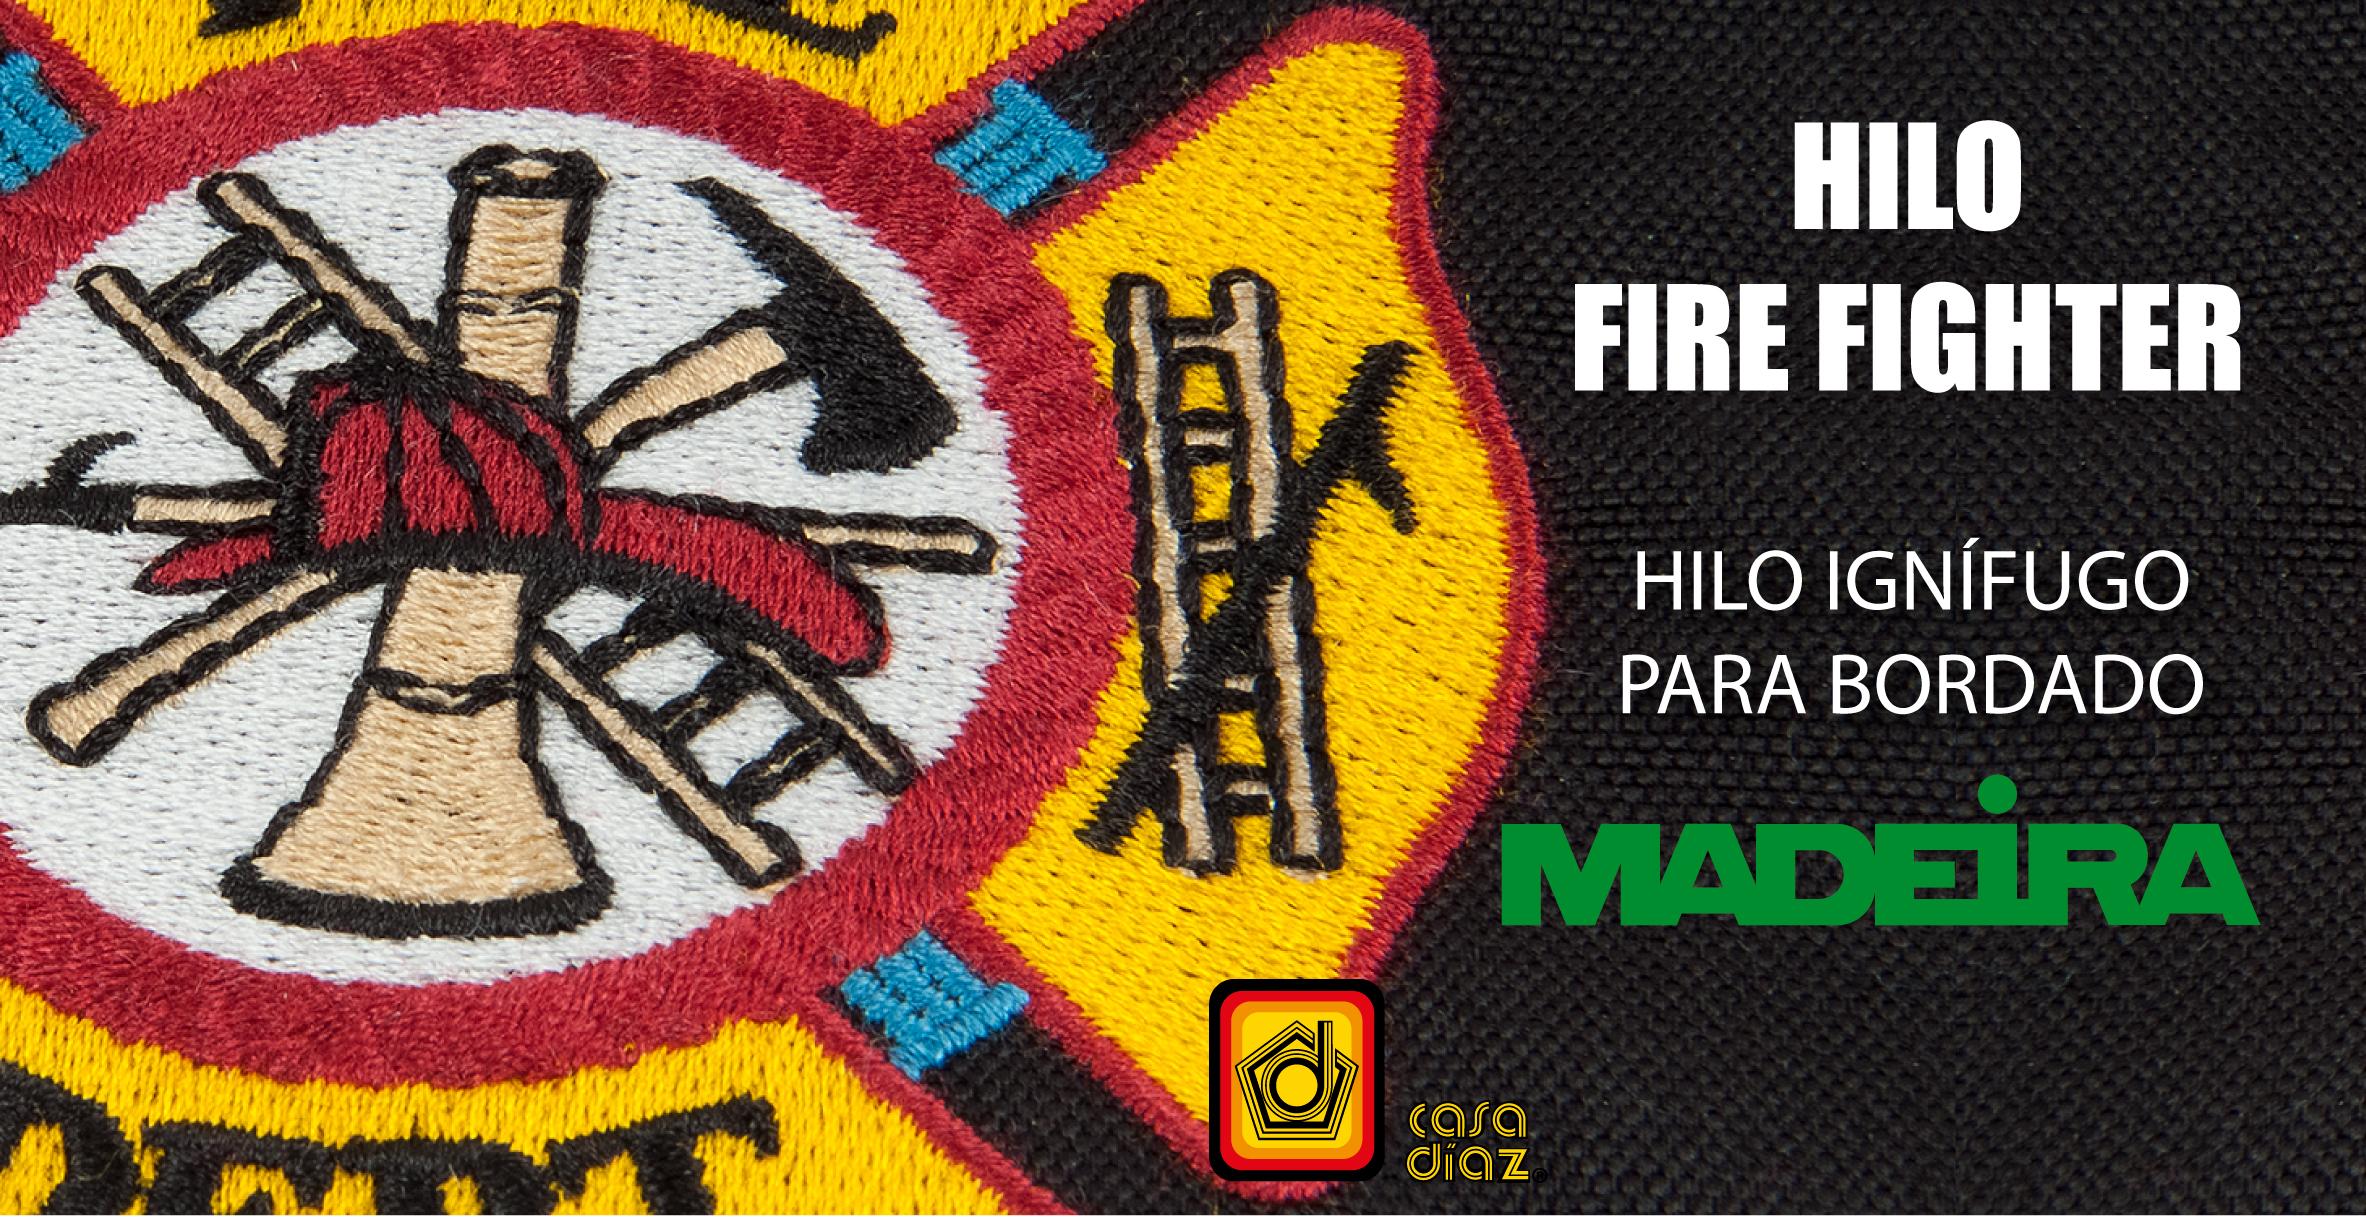 Hilo Fire Fighter Madeira Bordado